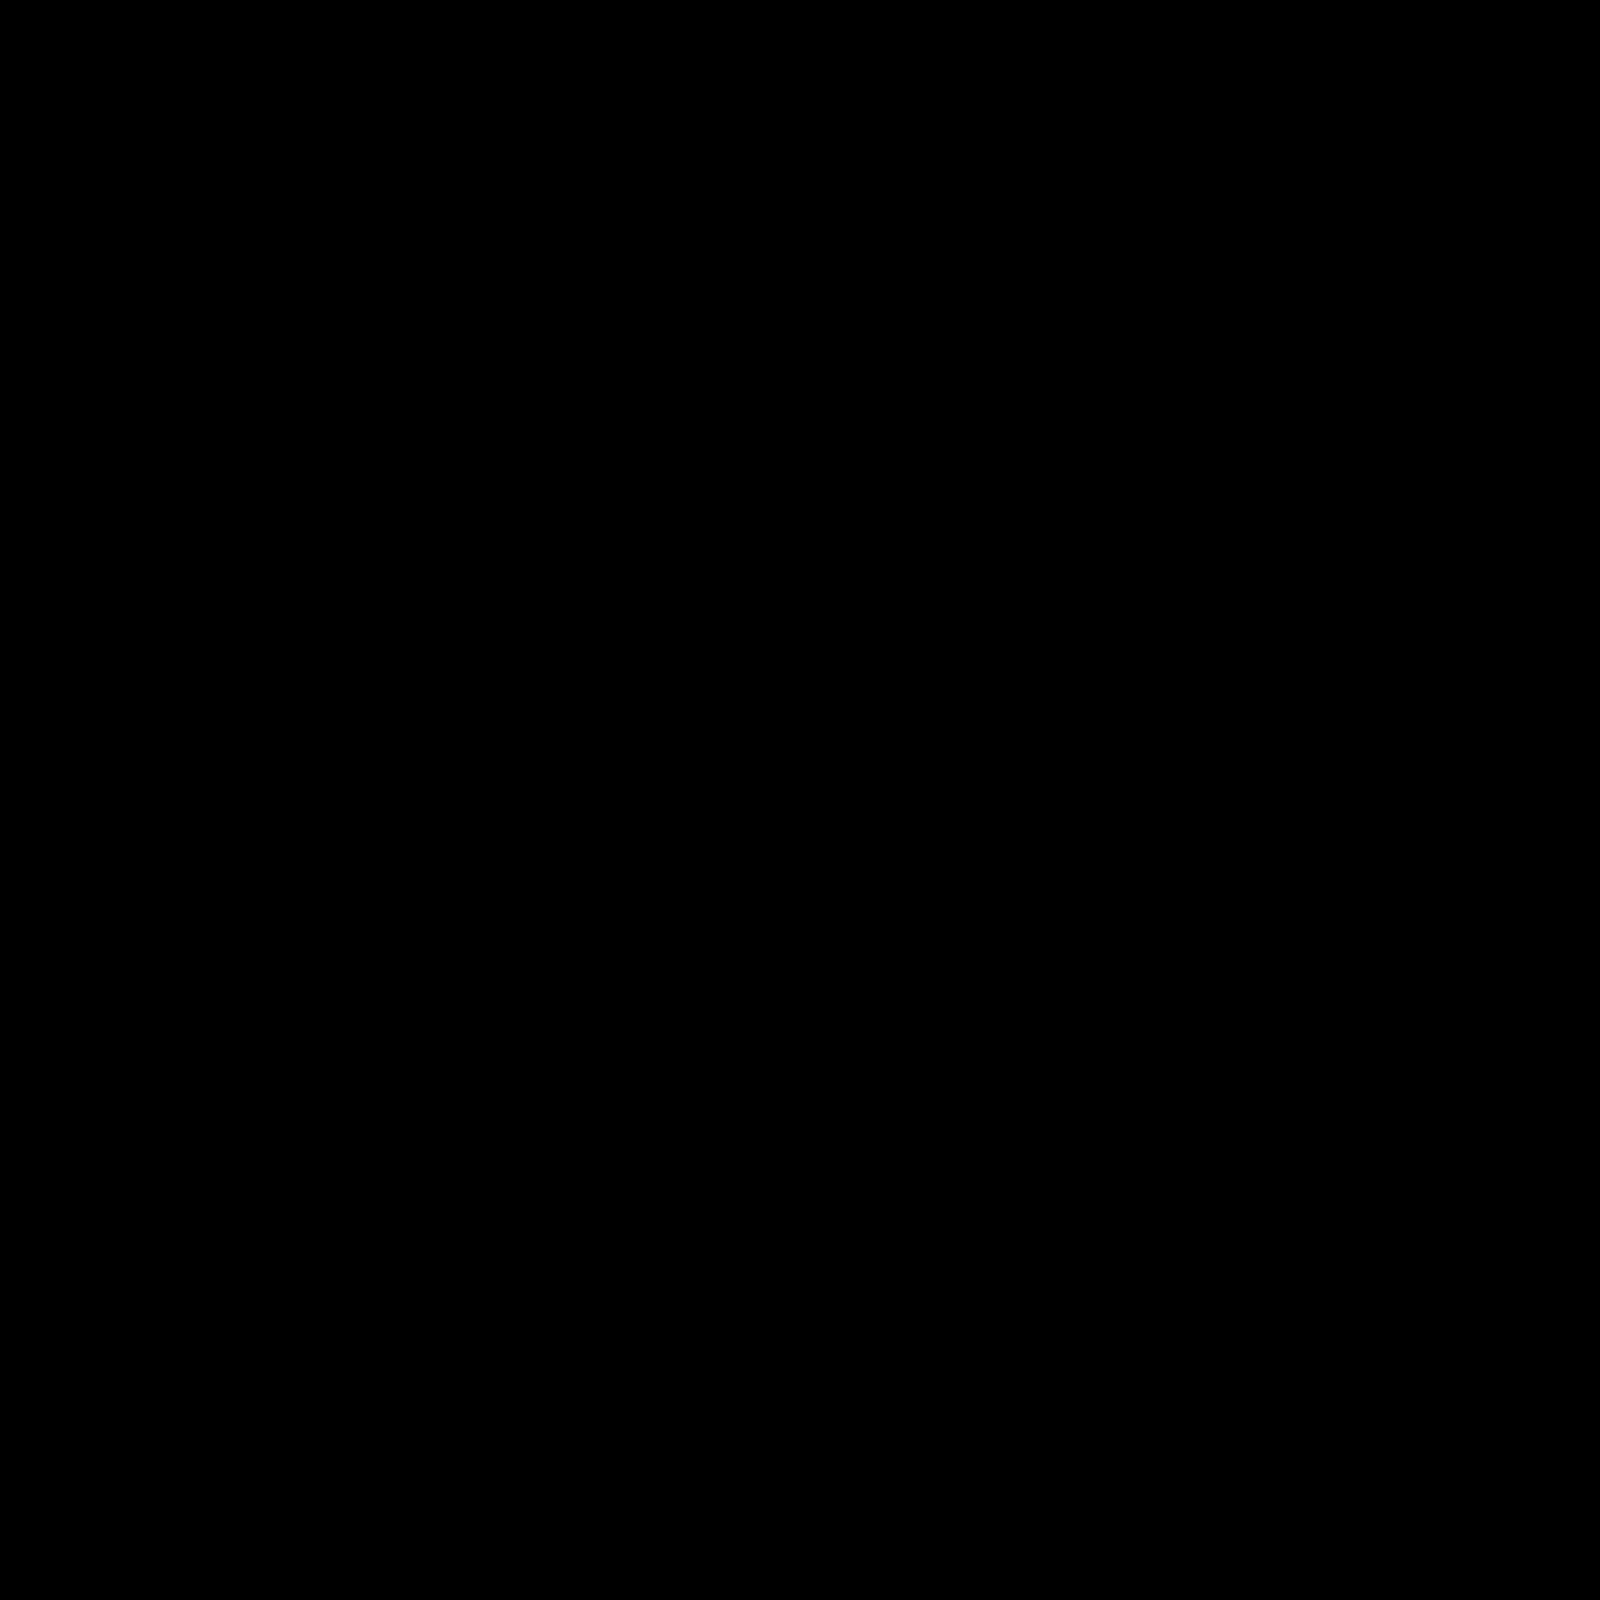 Aventure icon